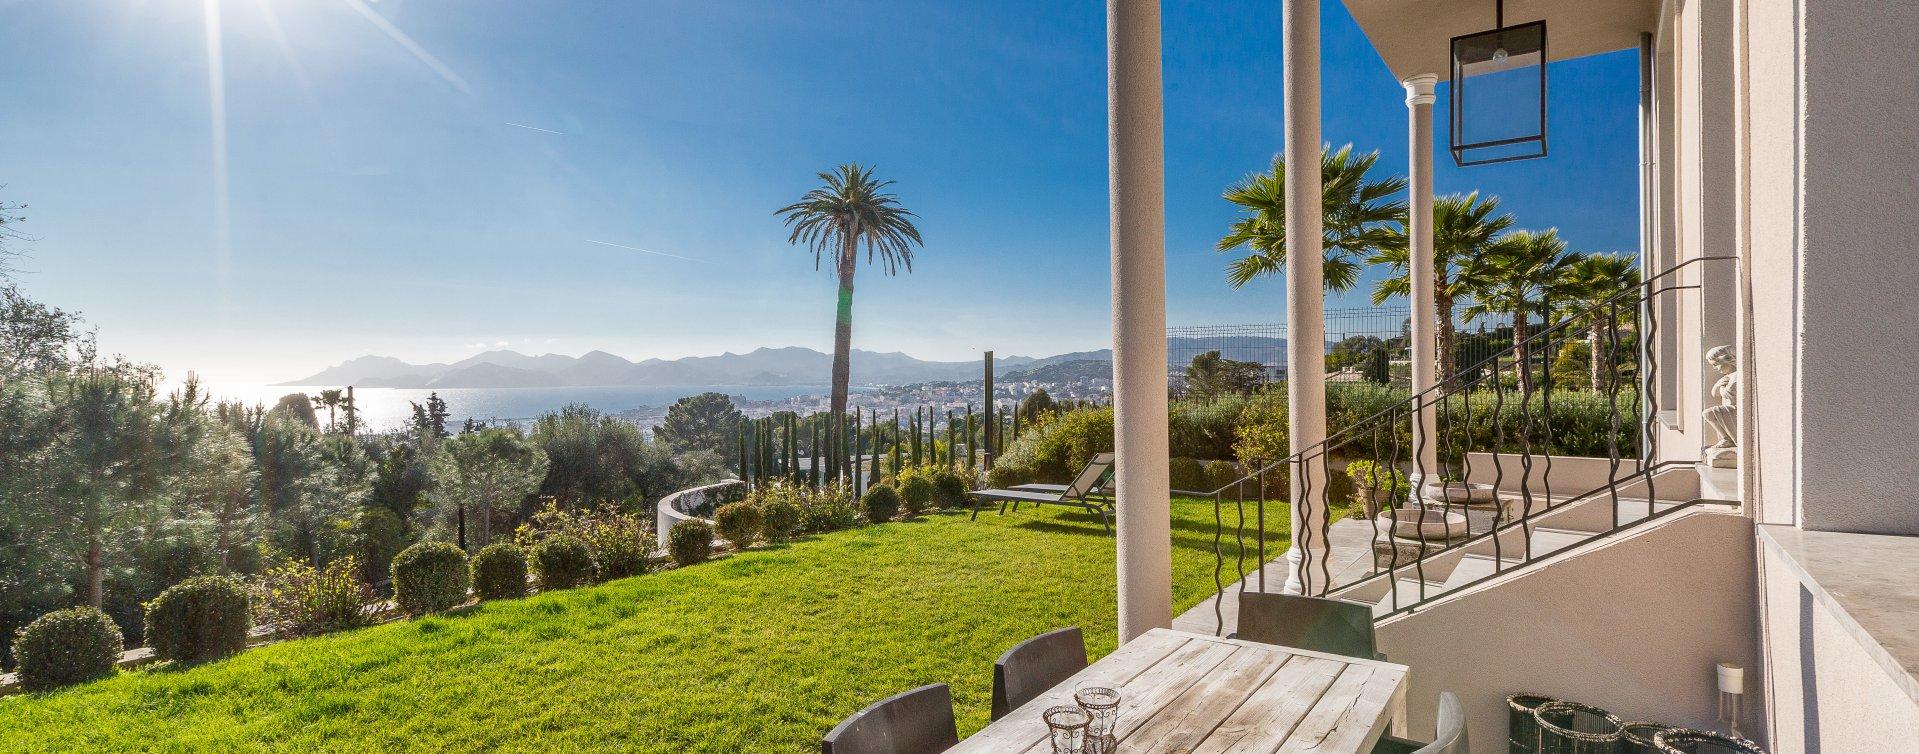 annonce vente maison cannes californie 06400 6 pi ces 240 m john taylor. Black Bedroom Furniture Sets. Home Design Ideas